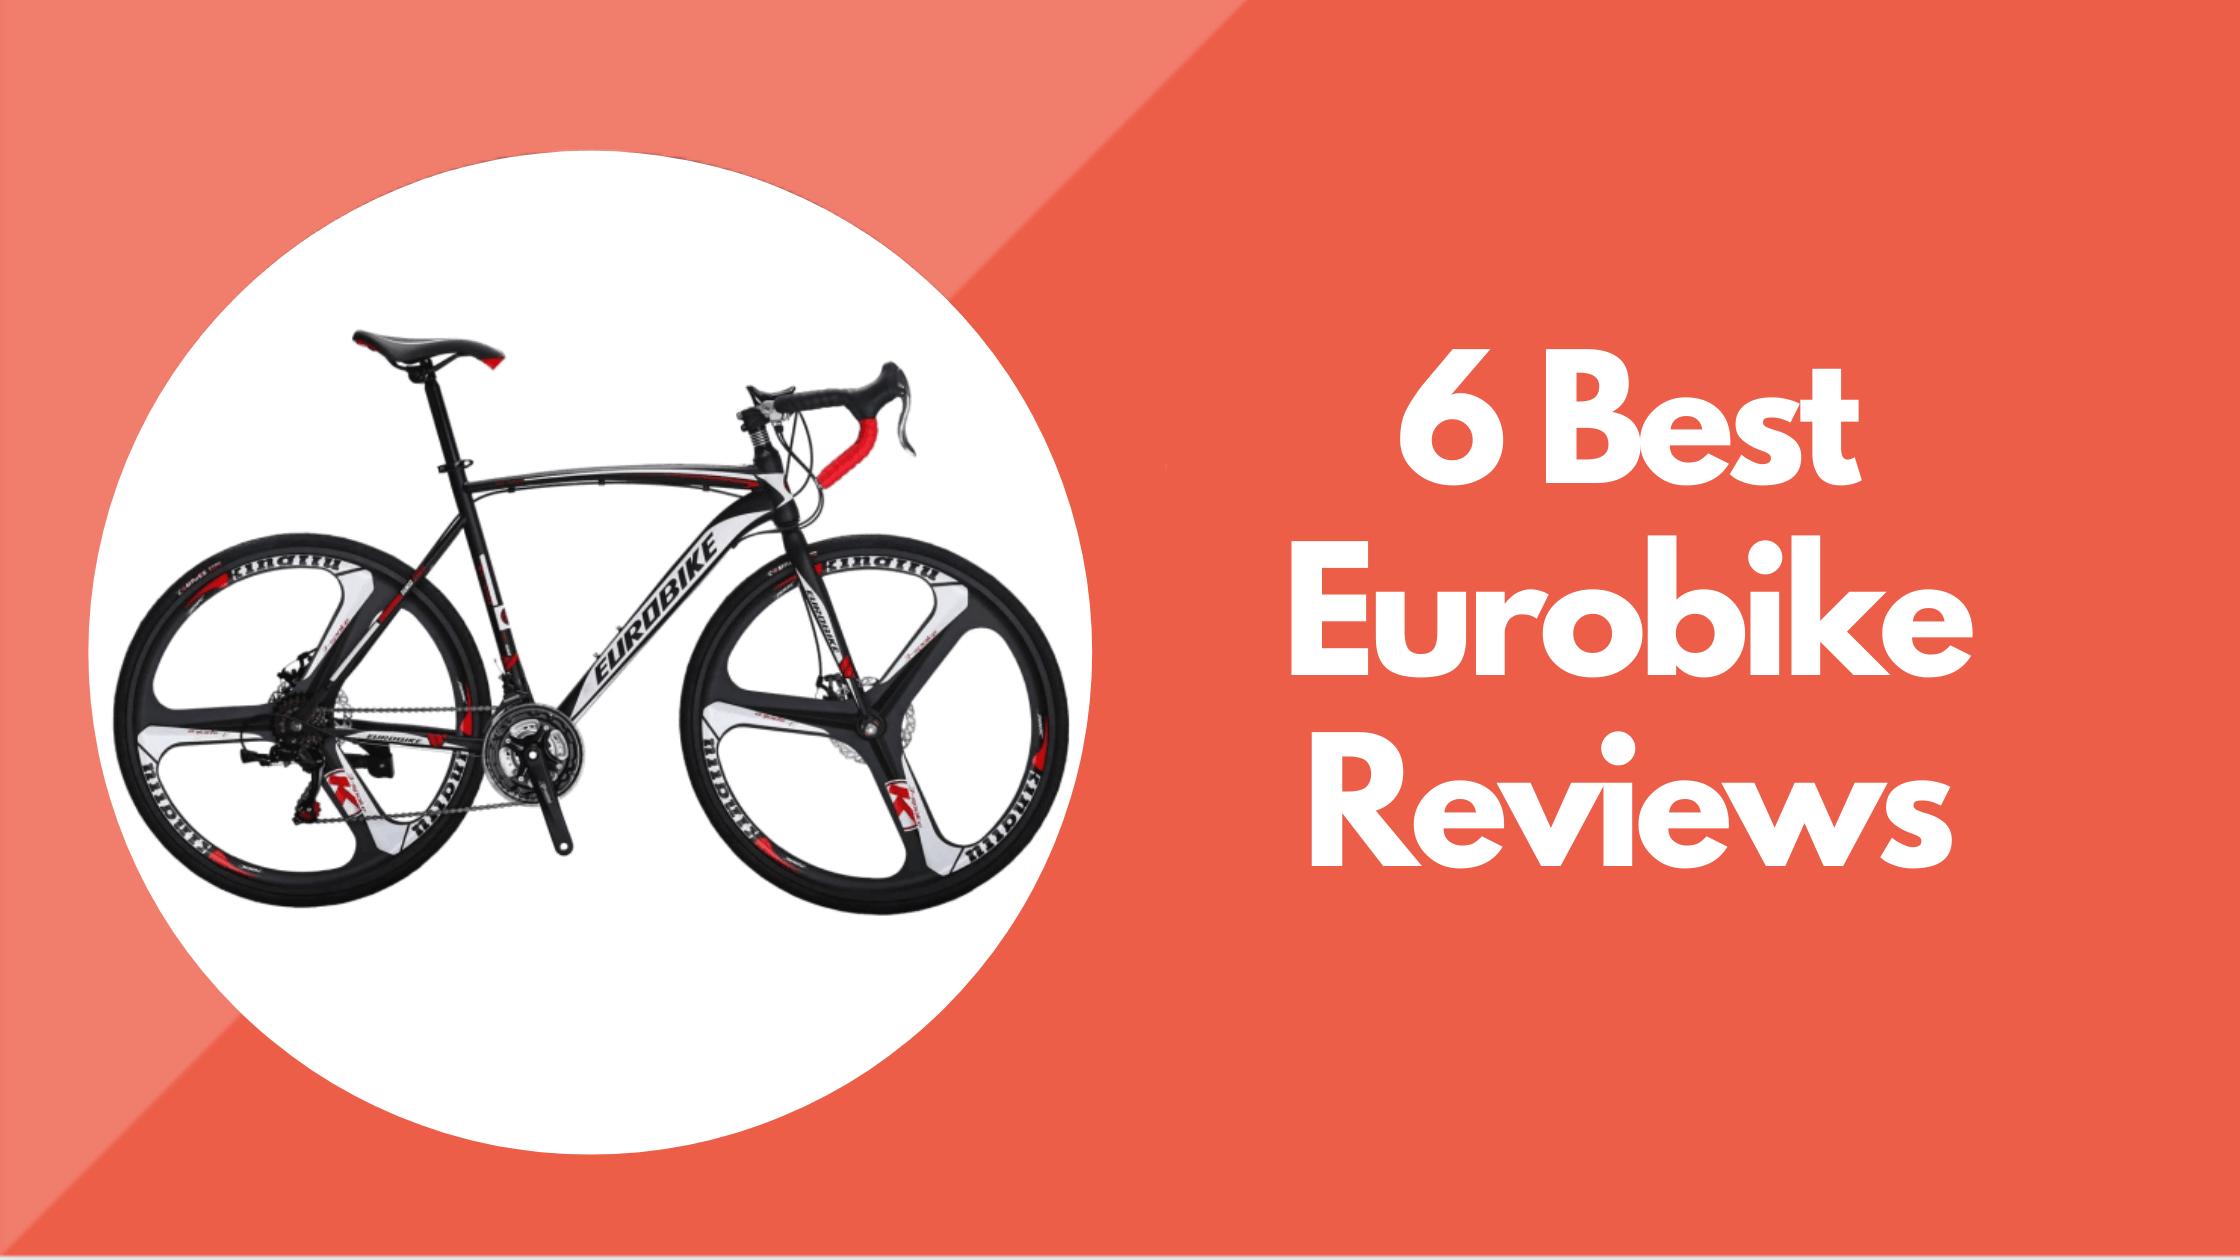 Eurobike Reviews